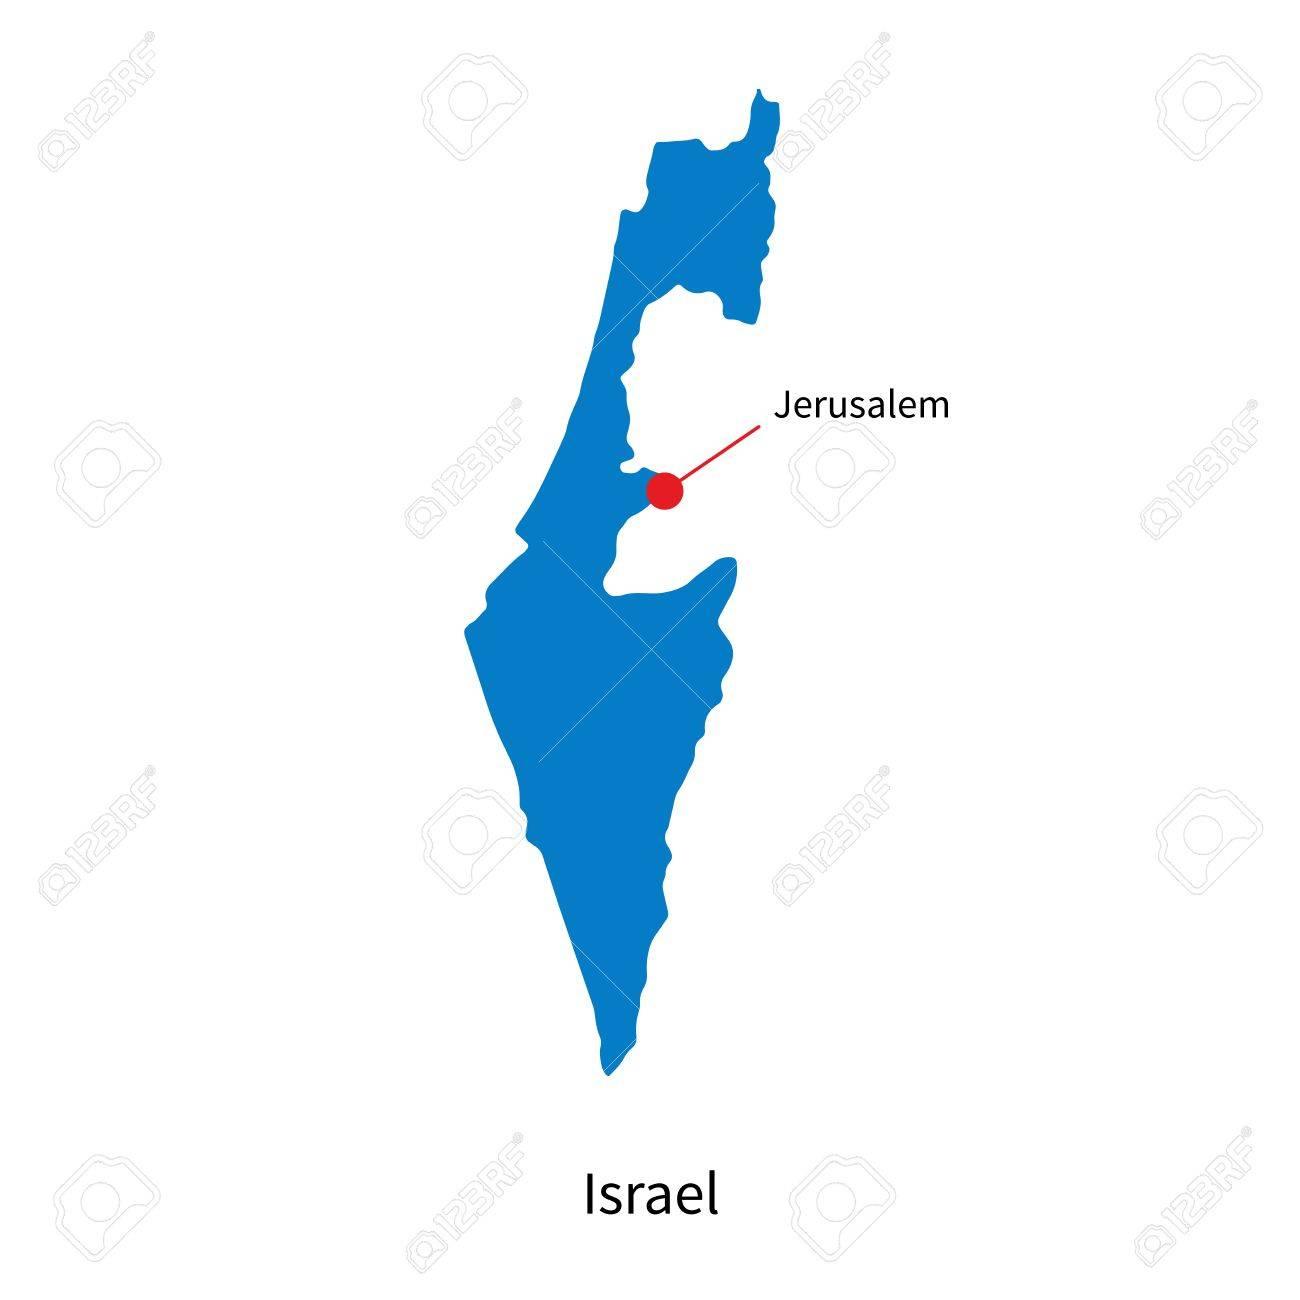 Jerusalem Karte Deutsch.Detailed Map Of Israel And Capital City Jerusalem